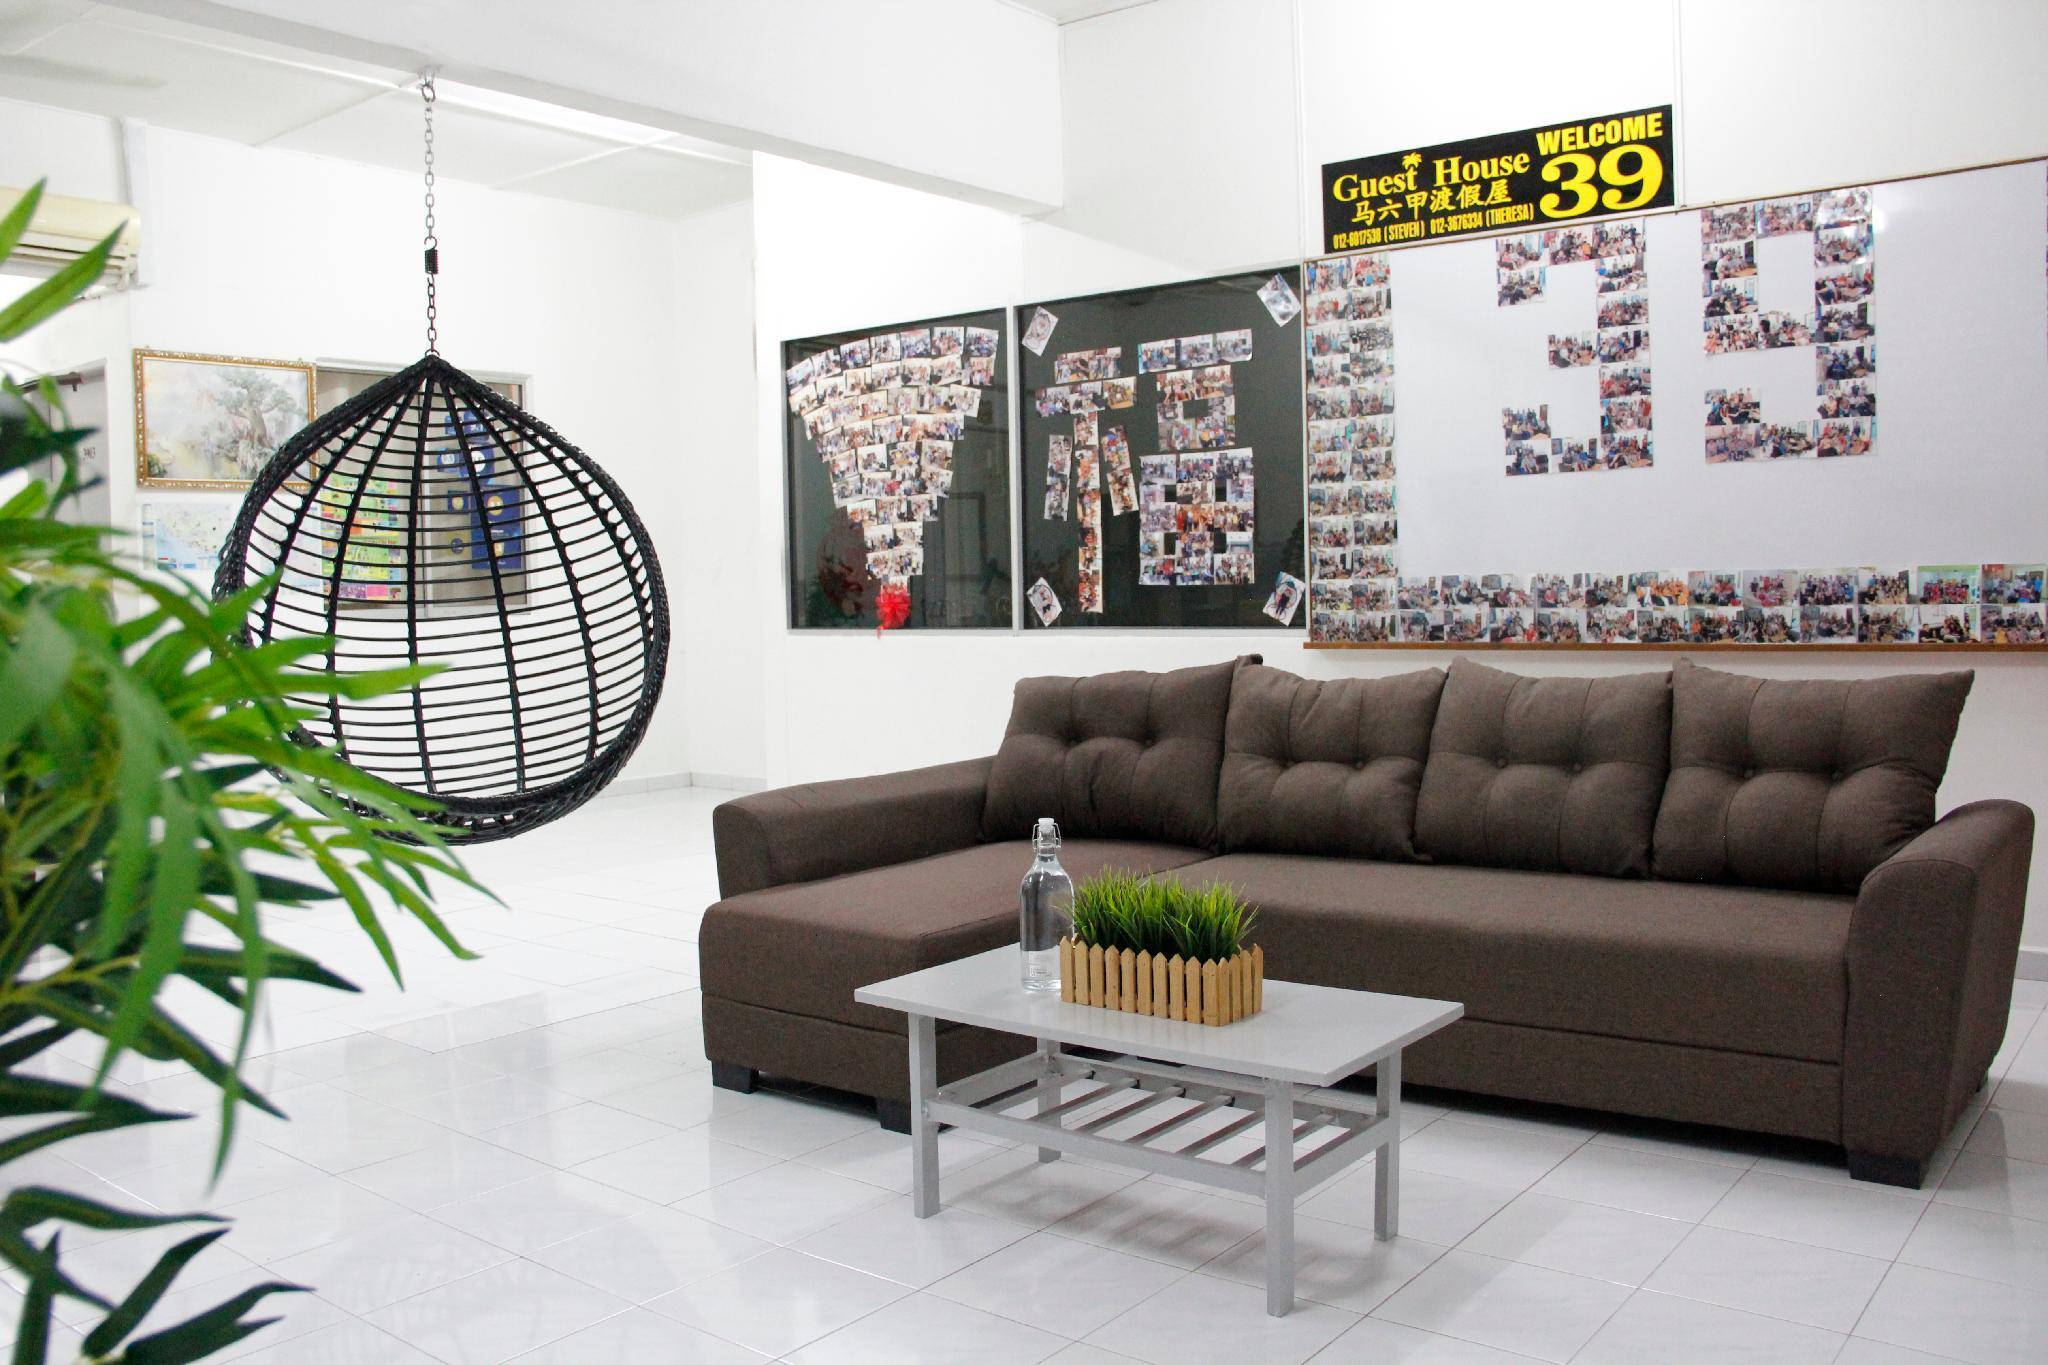 39 GuestHouse, Kota Melaka